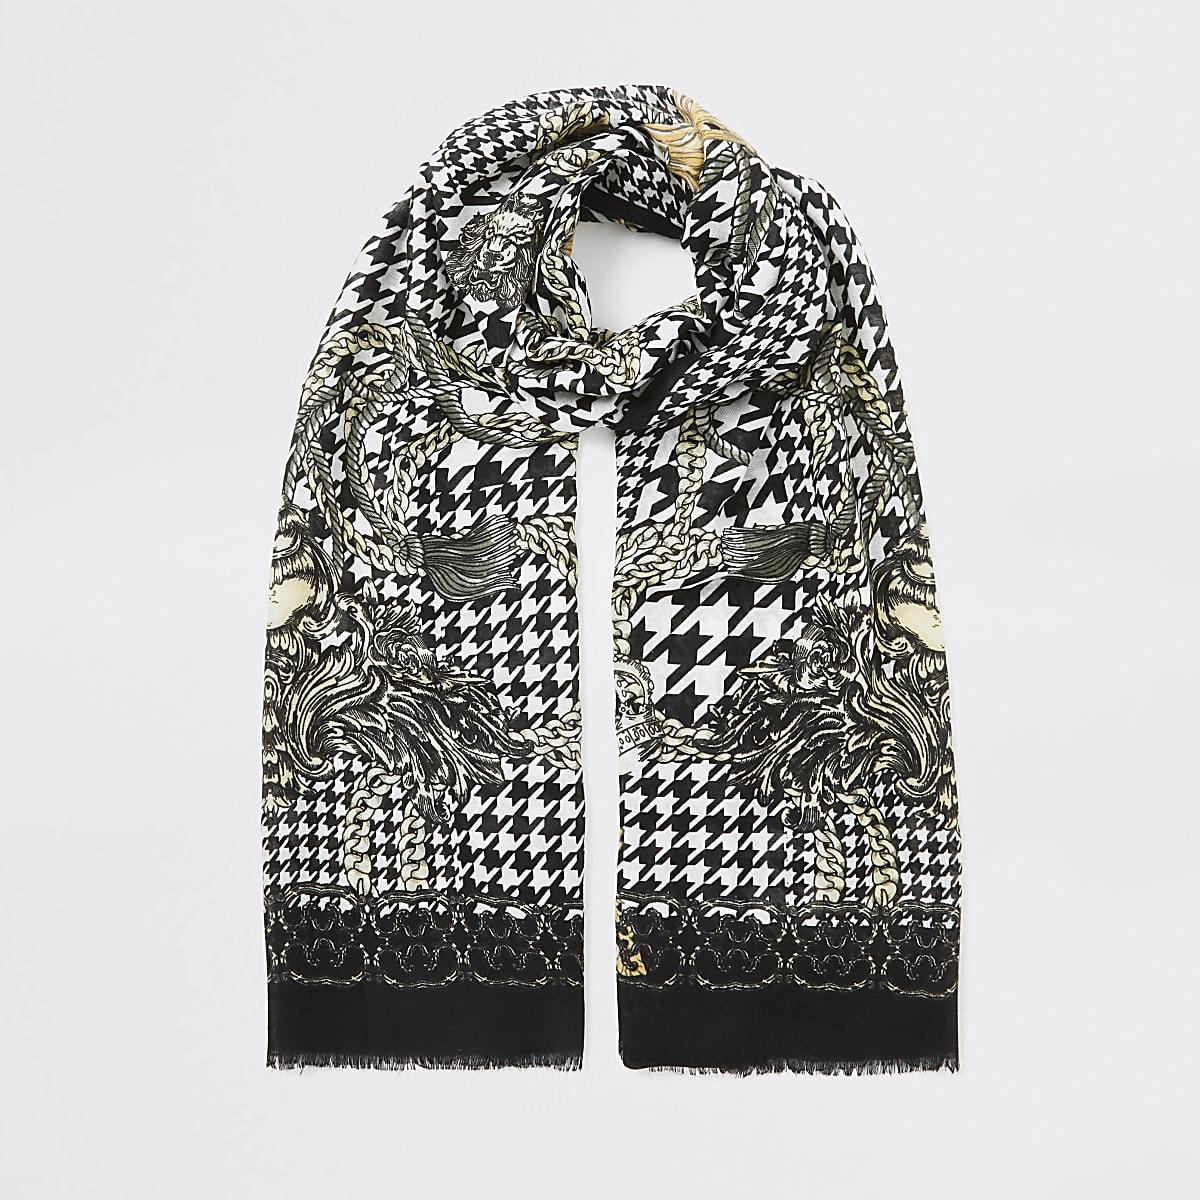 Écharpe noire en pied-de-poule avec impriméde chaîne